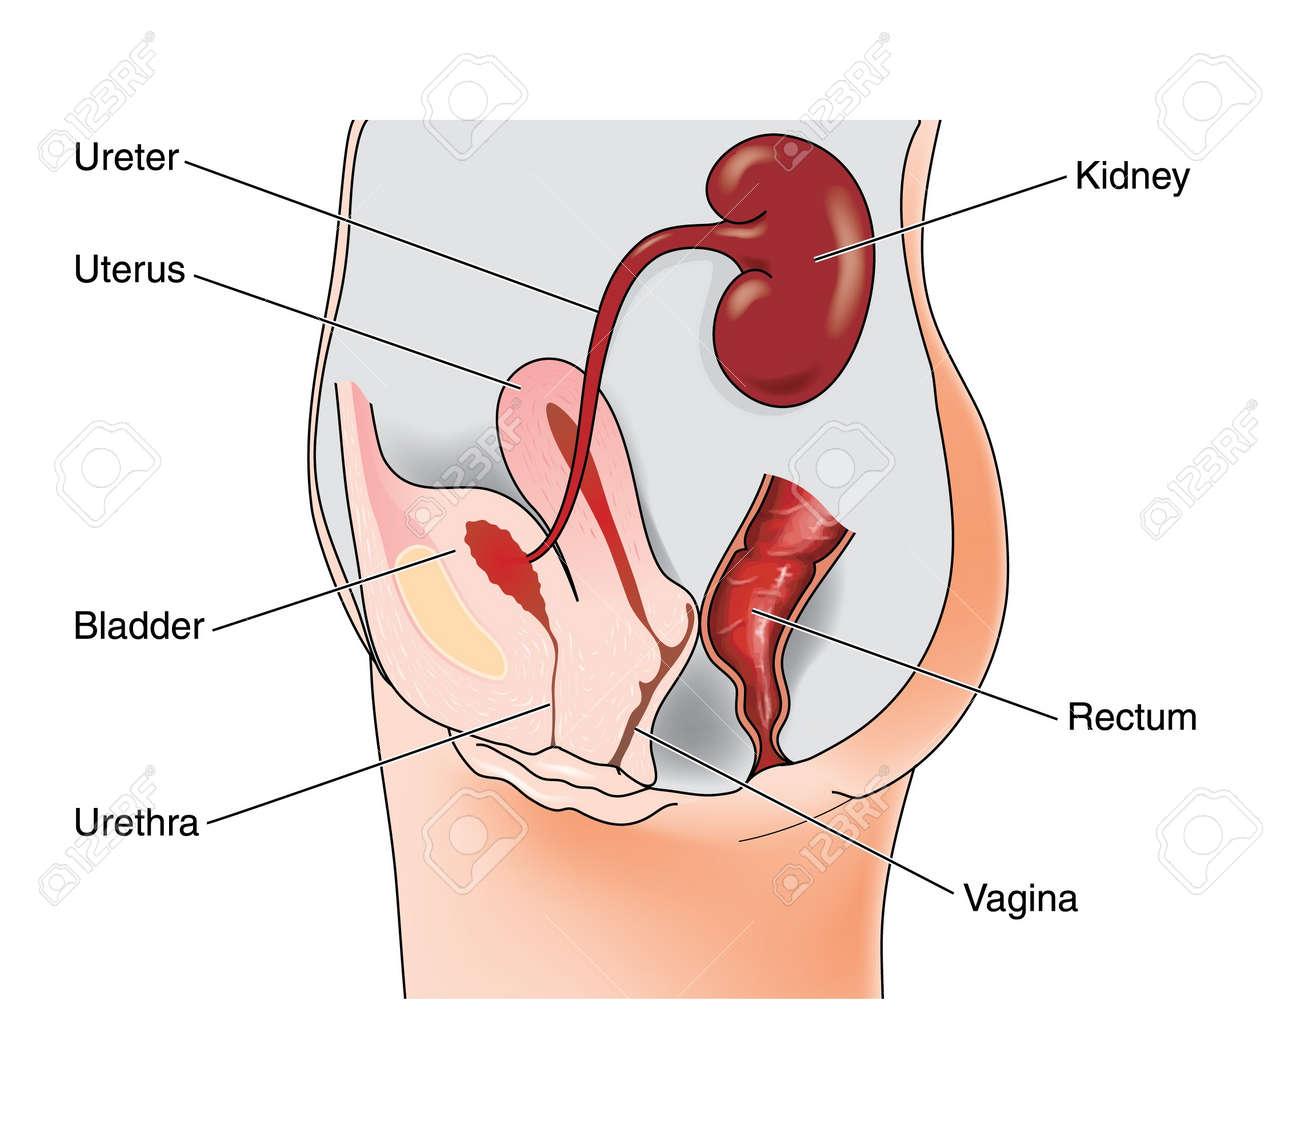 Dibujo Para Mostrar El Sistema Genital Femenino Y Las Relaciones ...